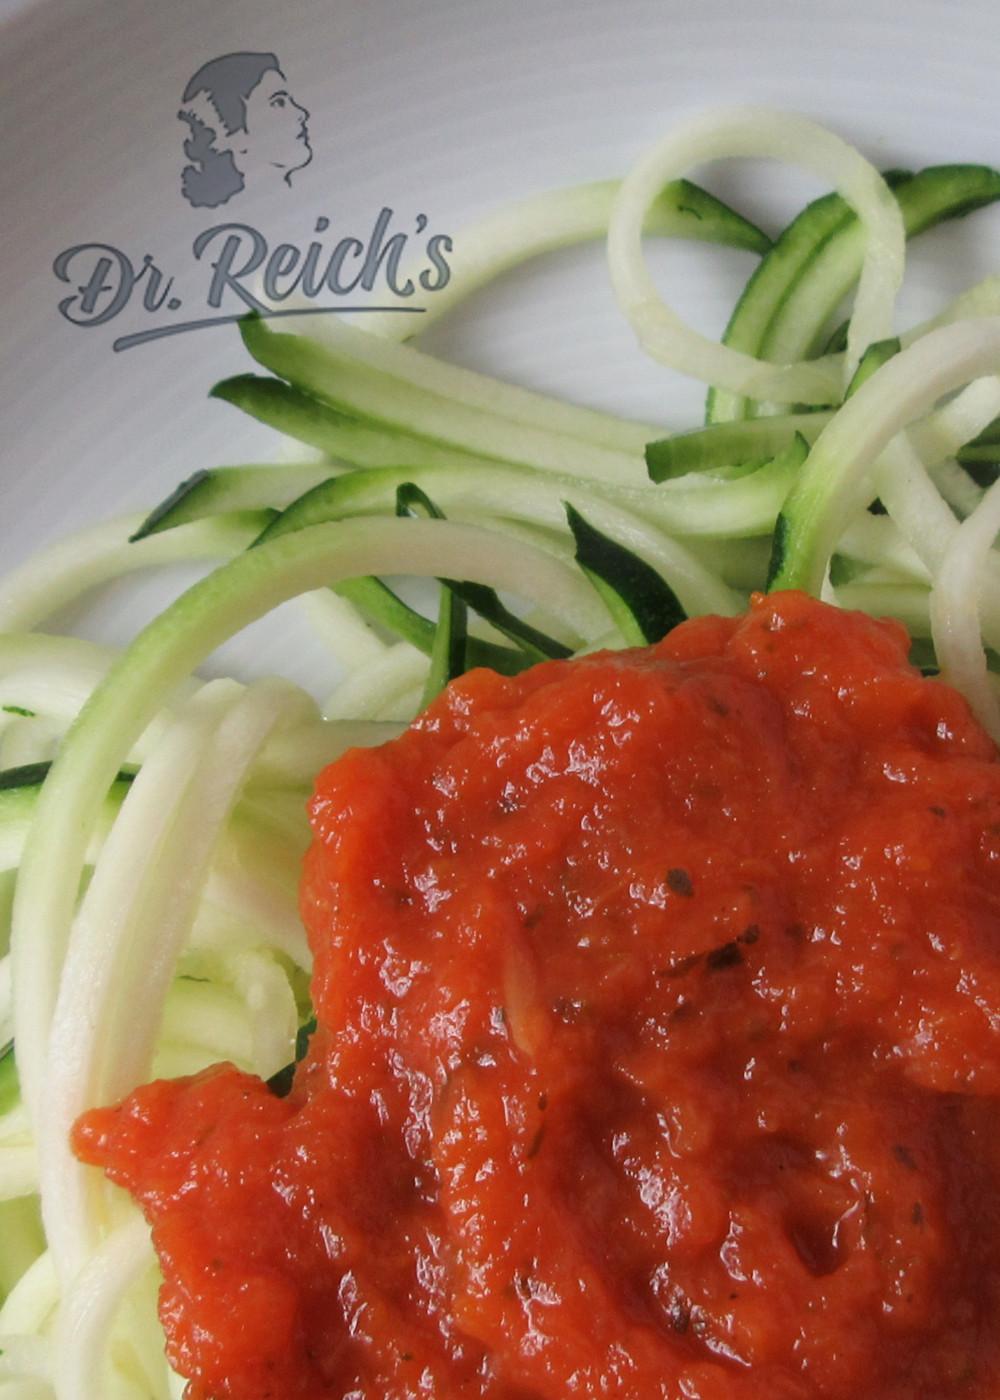 Dr Reichs Fodmaps Dolce Salsa Sauce Serviervorschlag